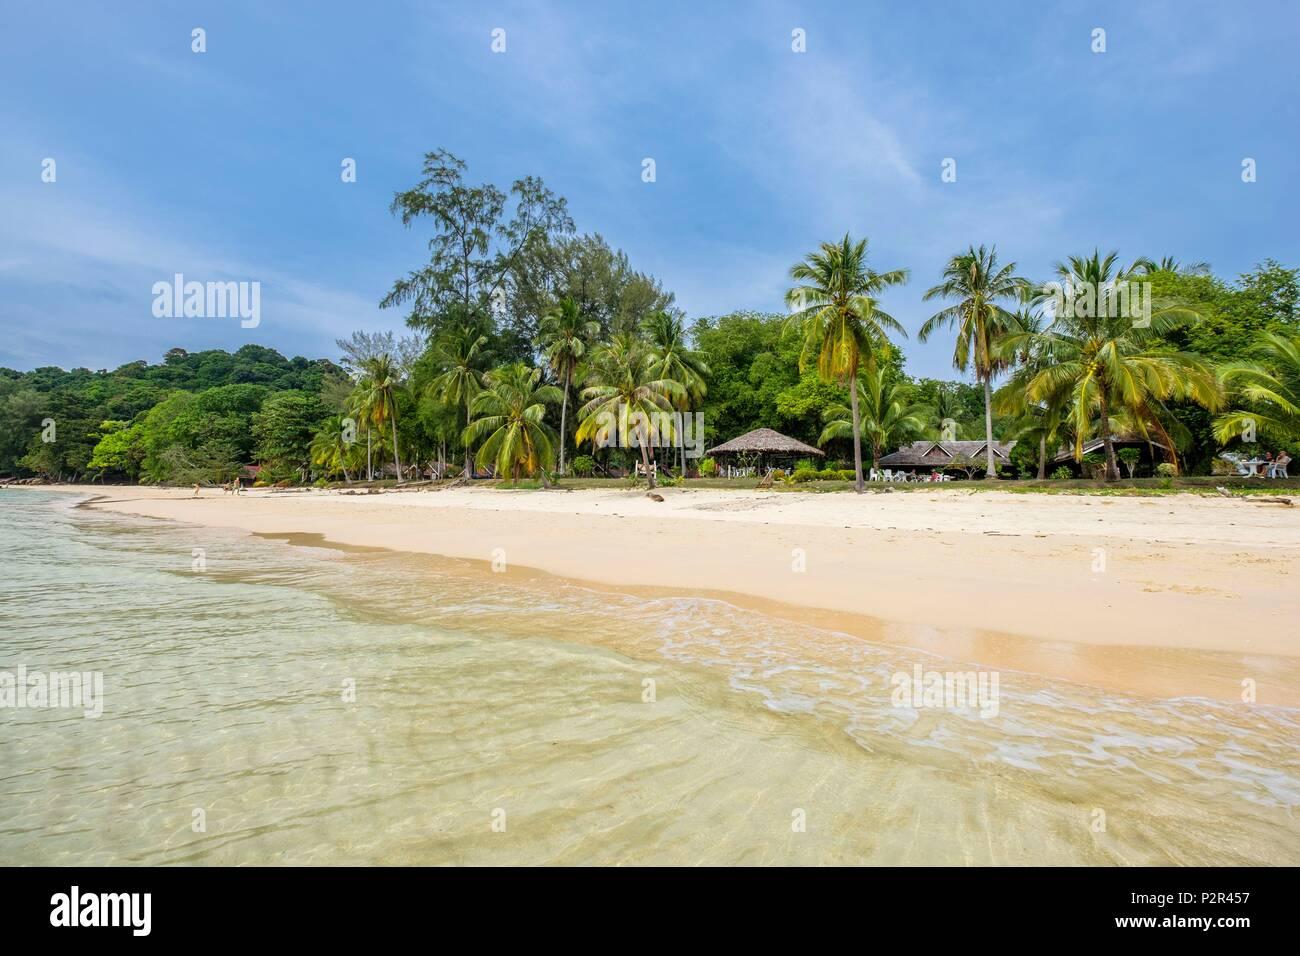 La Thaïlande, province de Phang Nga, Mu Ko Phetra Parc National Maritime, Ko Bulon Leh, l'île de la grande plage de sable blanc à l'Est de l'île et Pansand Resort sous les cocotiers Photo Stock